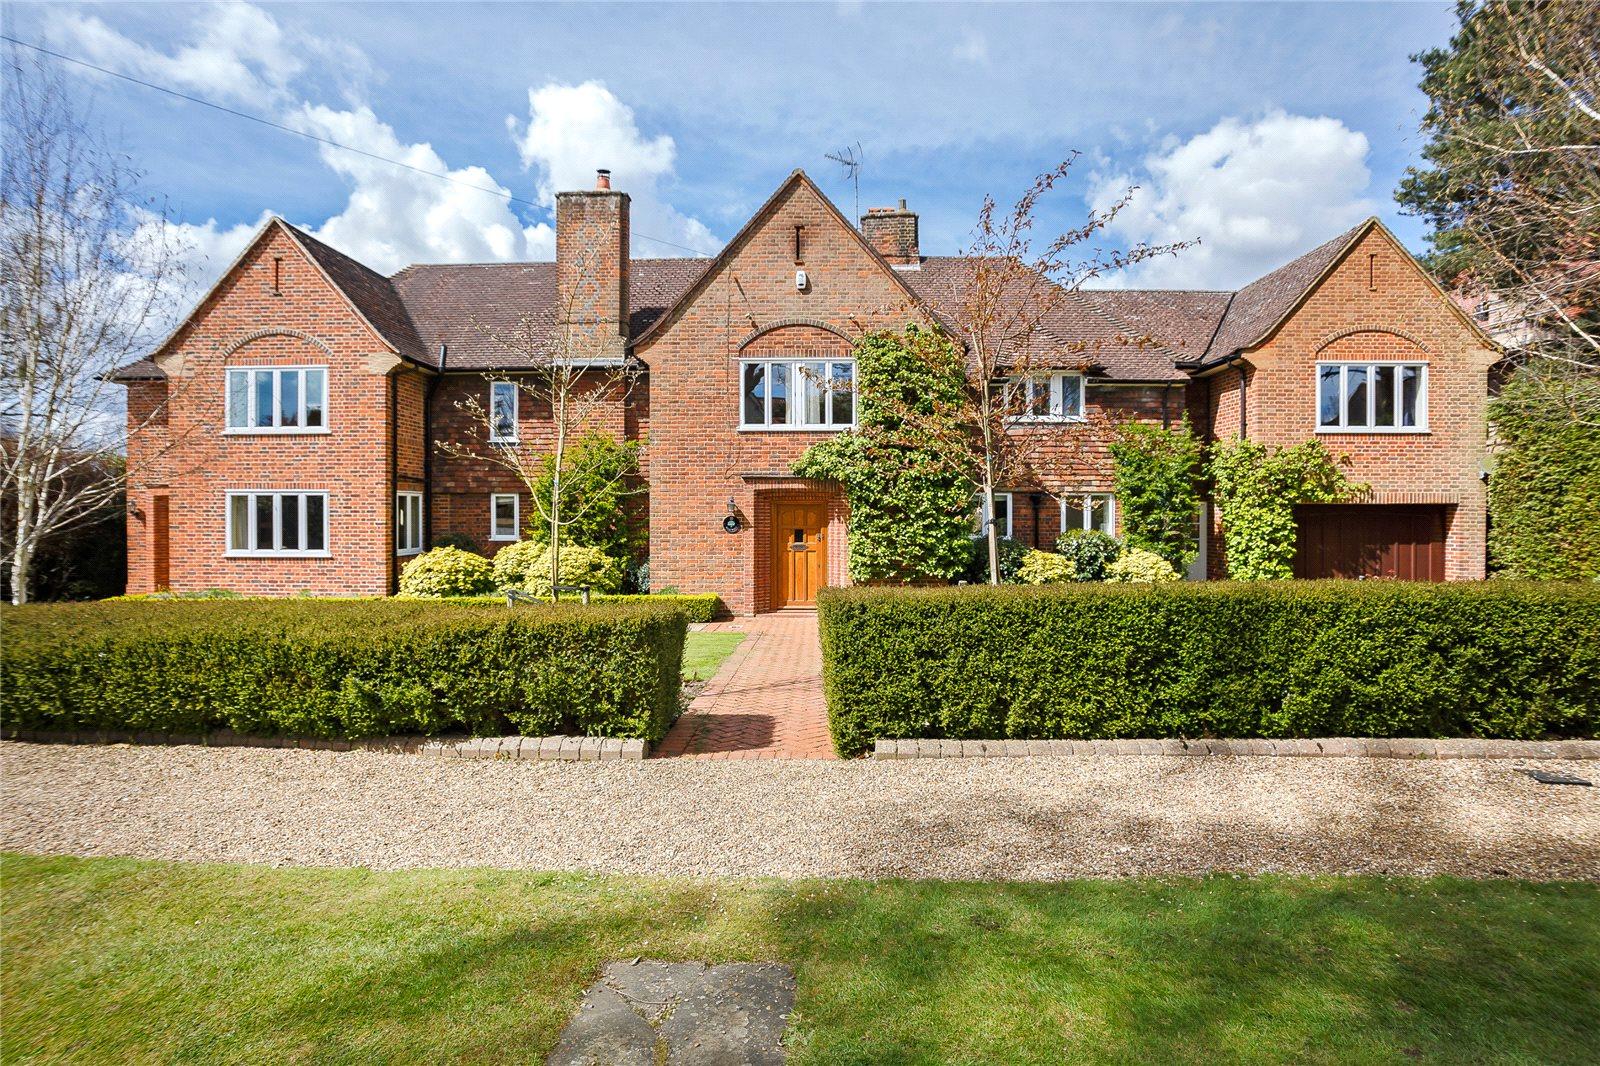 一戸建て のために 売買 アット Oakfield Road, Harpenden, Hertfordshire, AL5 Harpenden, イギリス